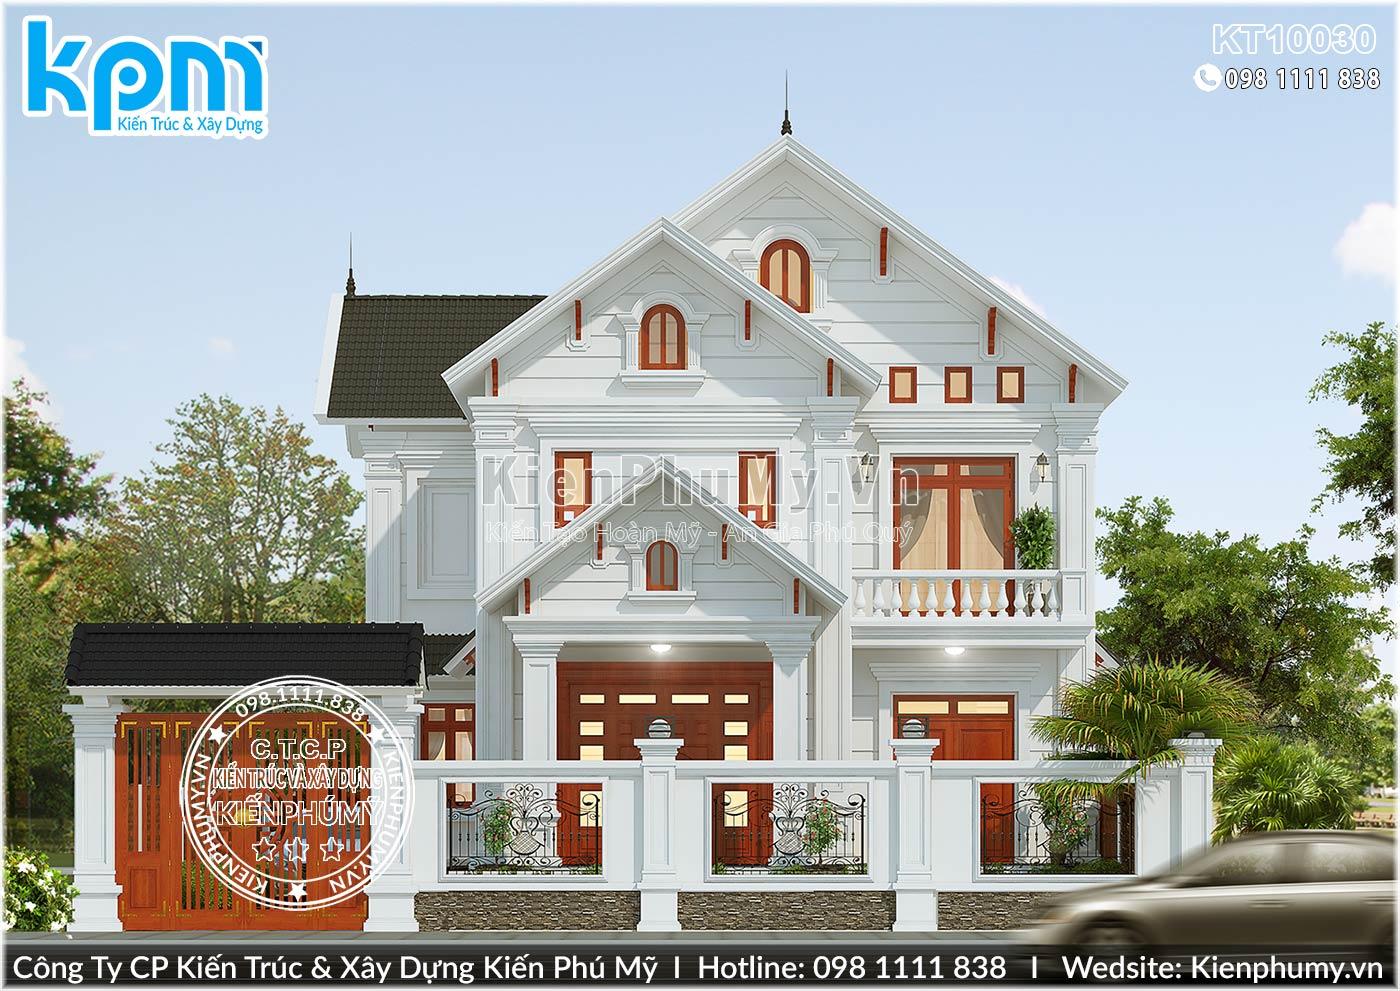 Thiết kế mặt tiền rộng 9,5m biệt thự 2 tầng tân cổ điển